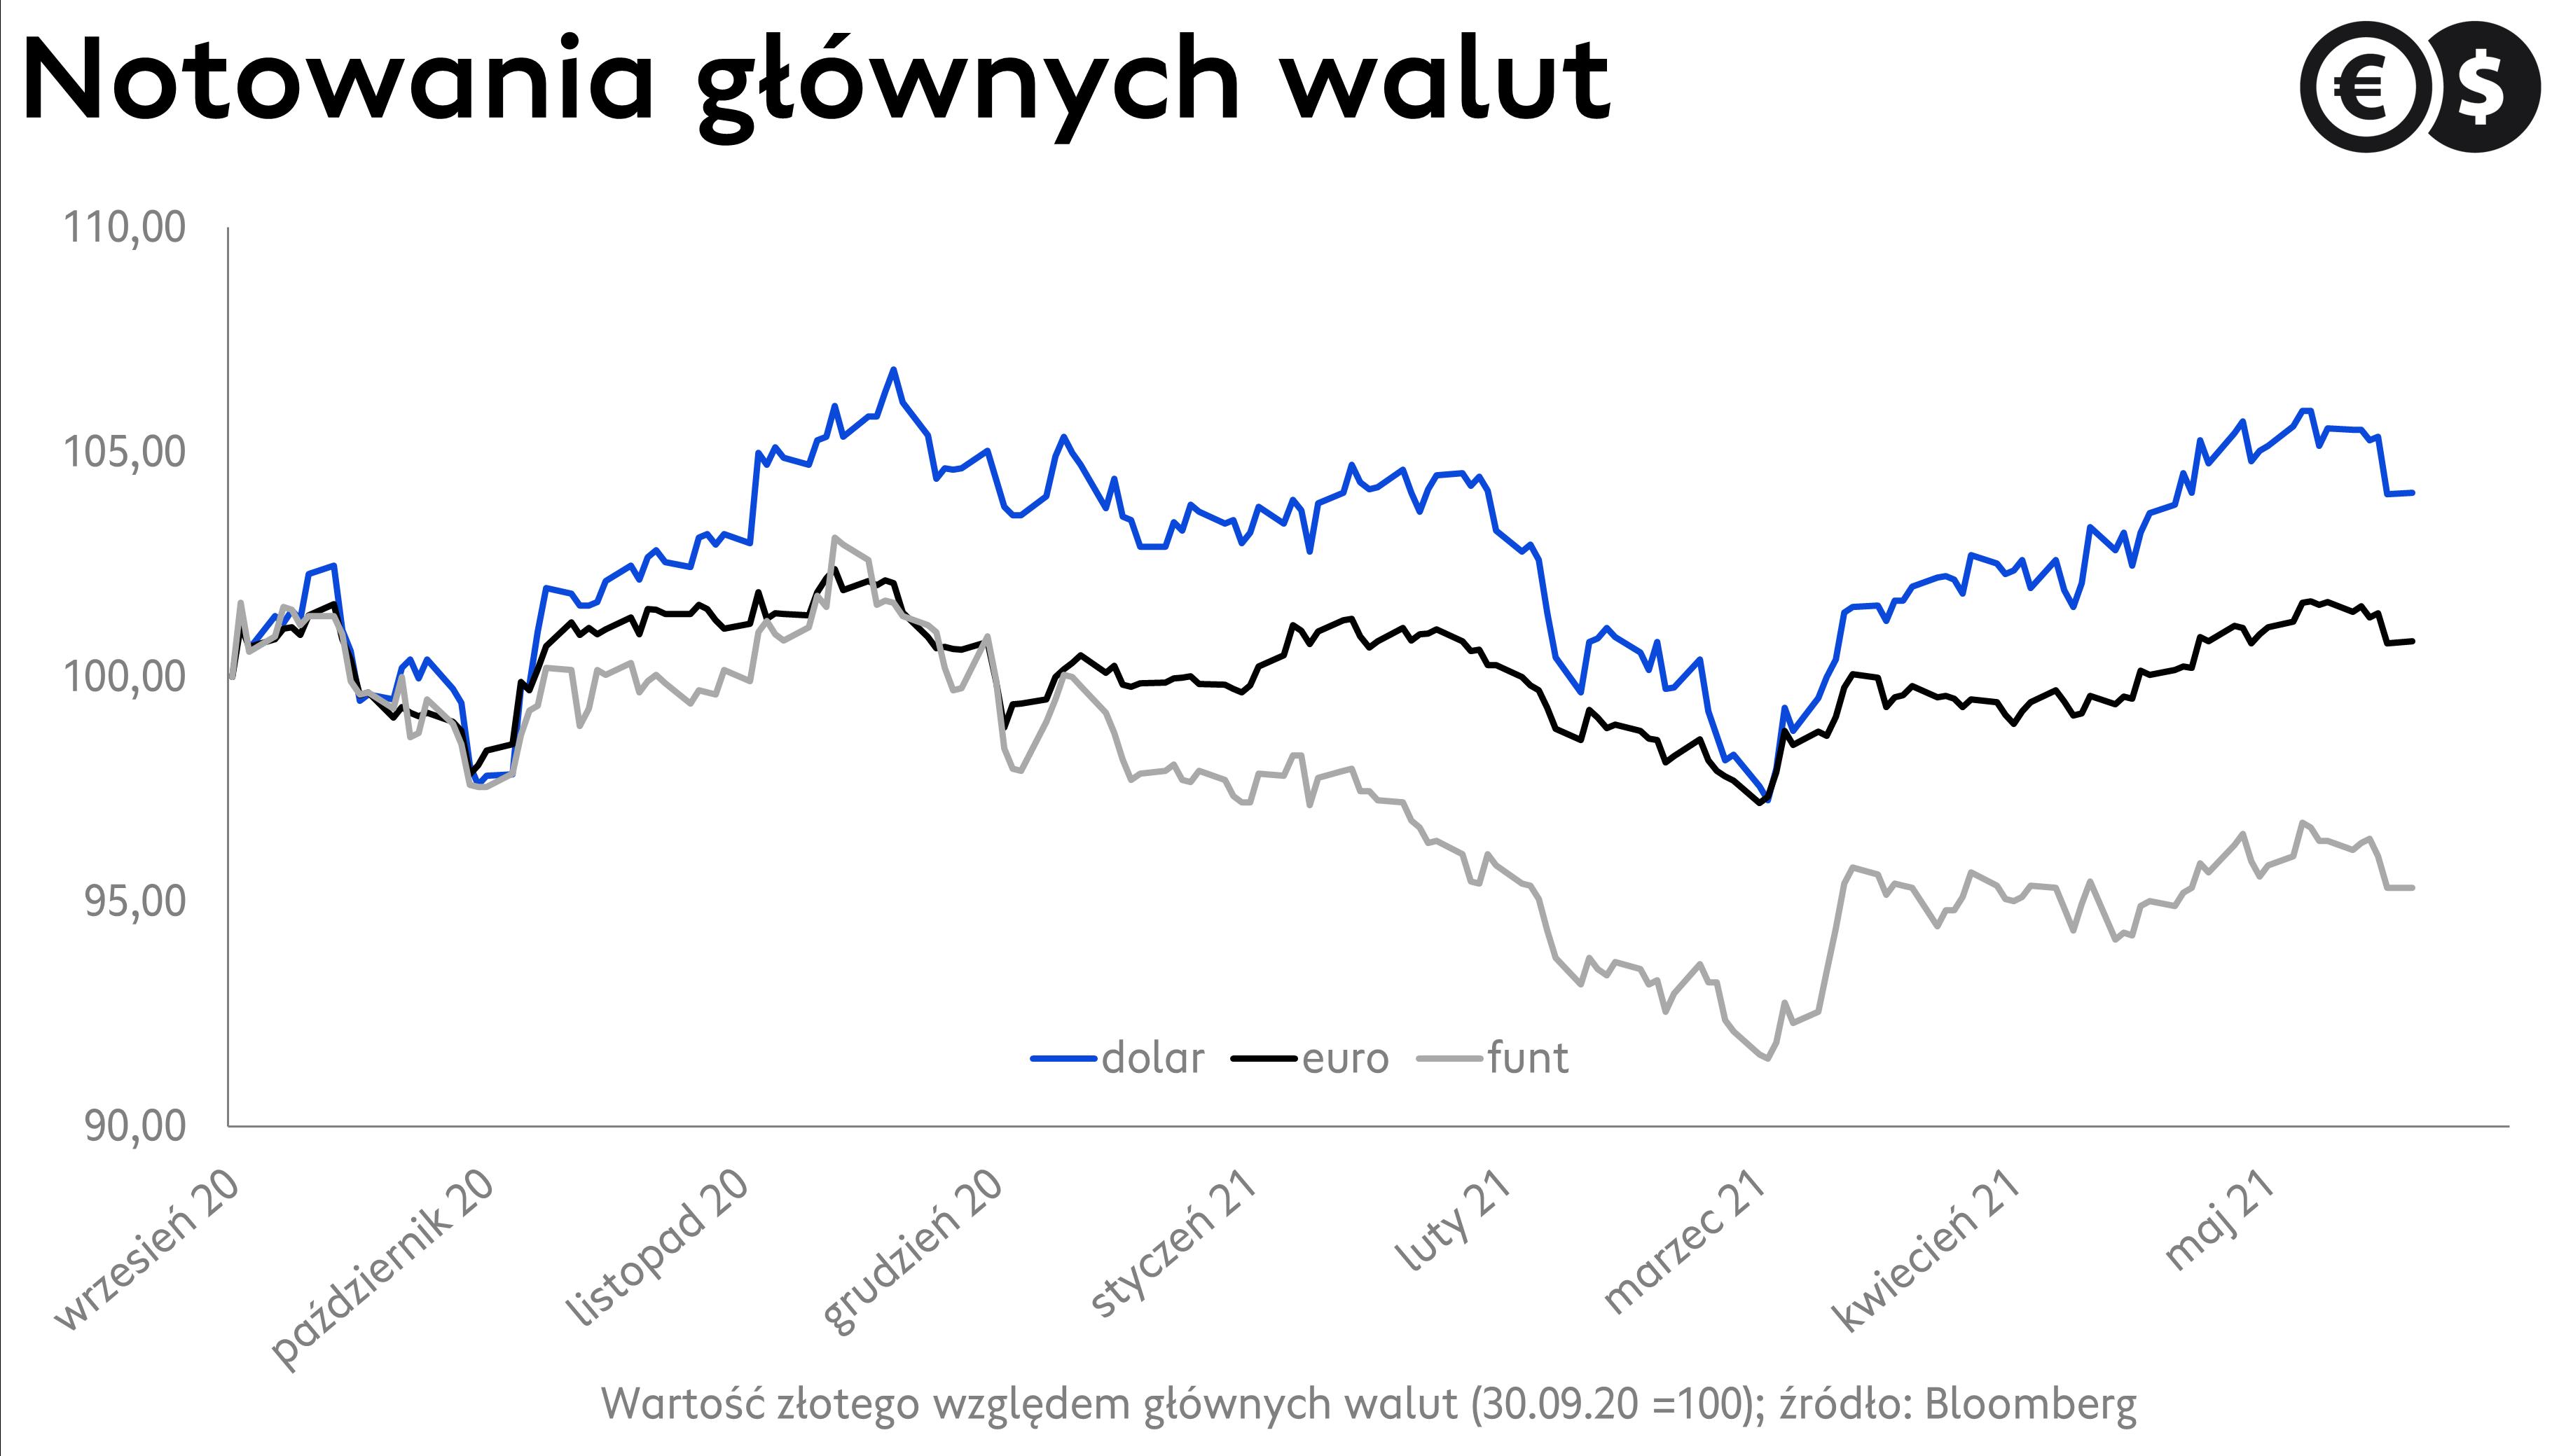 Kursyw walut, funt, euro i dolar względem złotego; źródło: Bloomberg